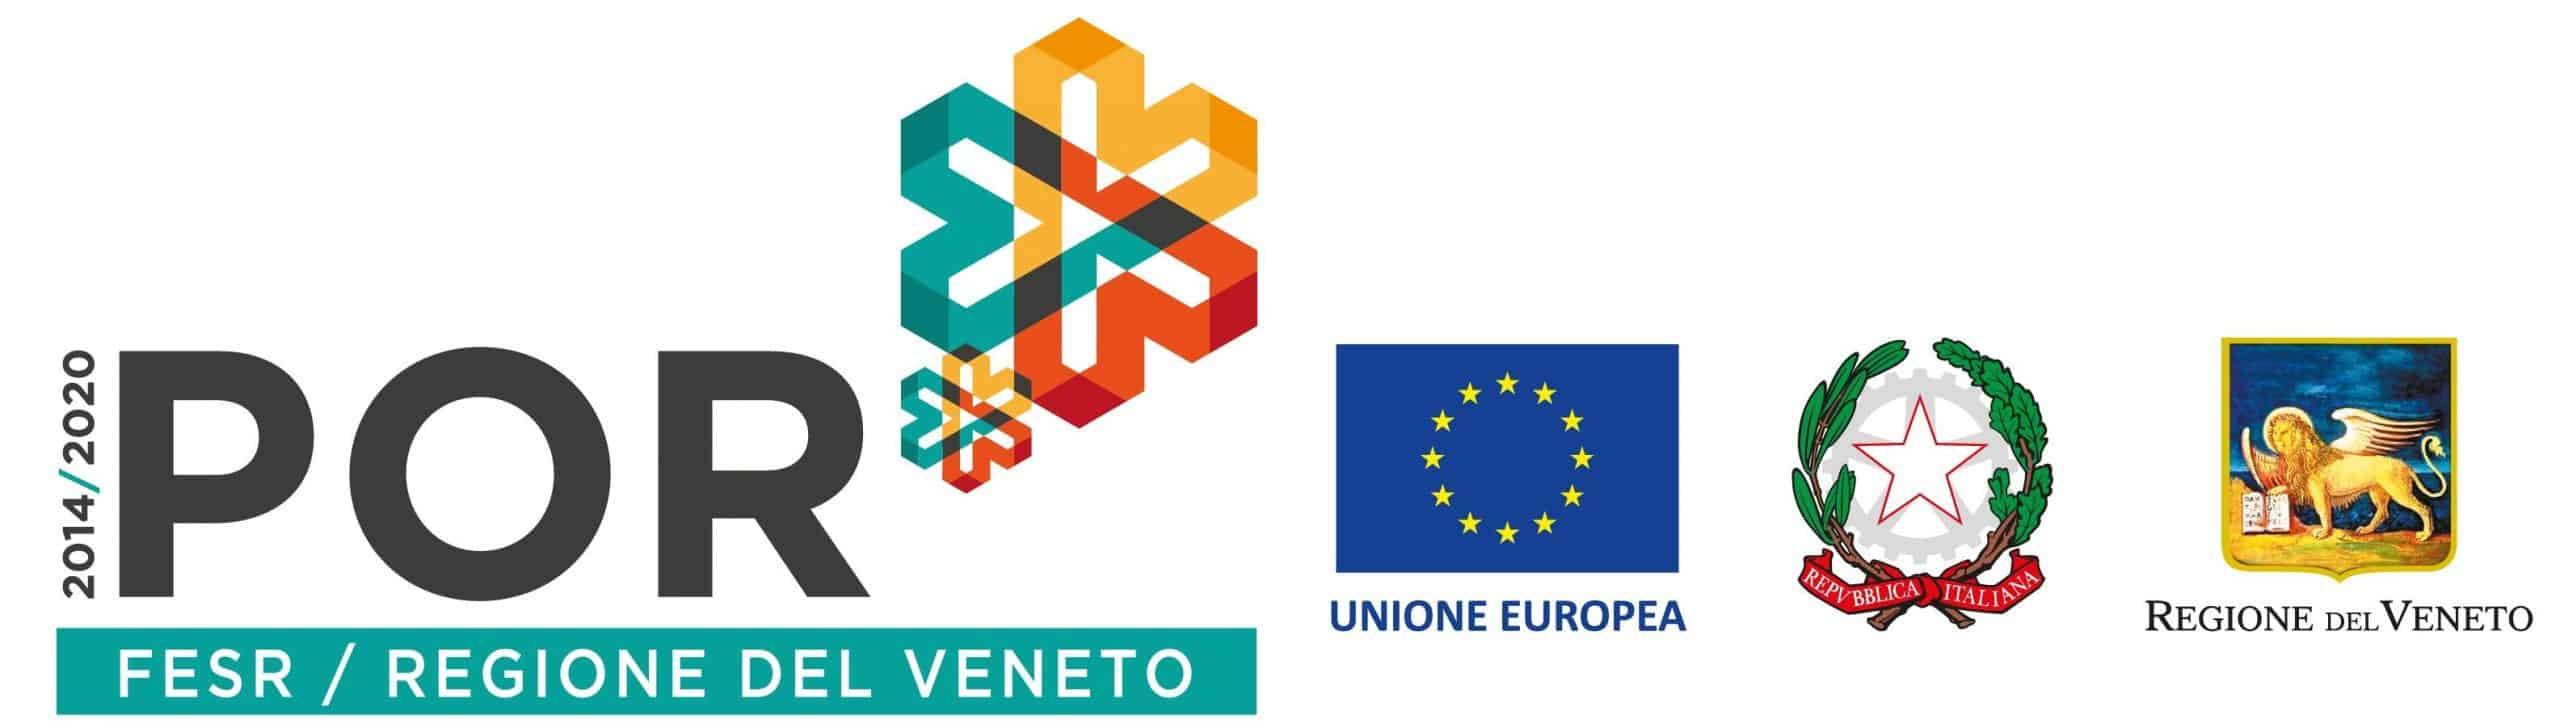 Bando Regone Veneto Efficienza Energetica